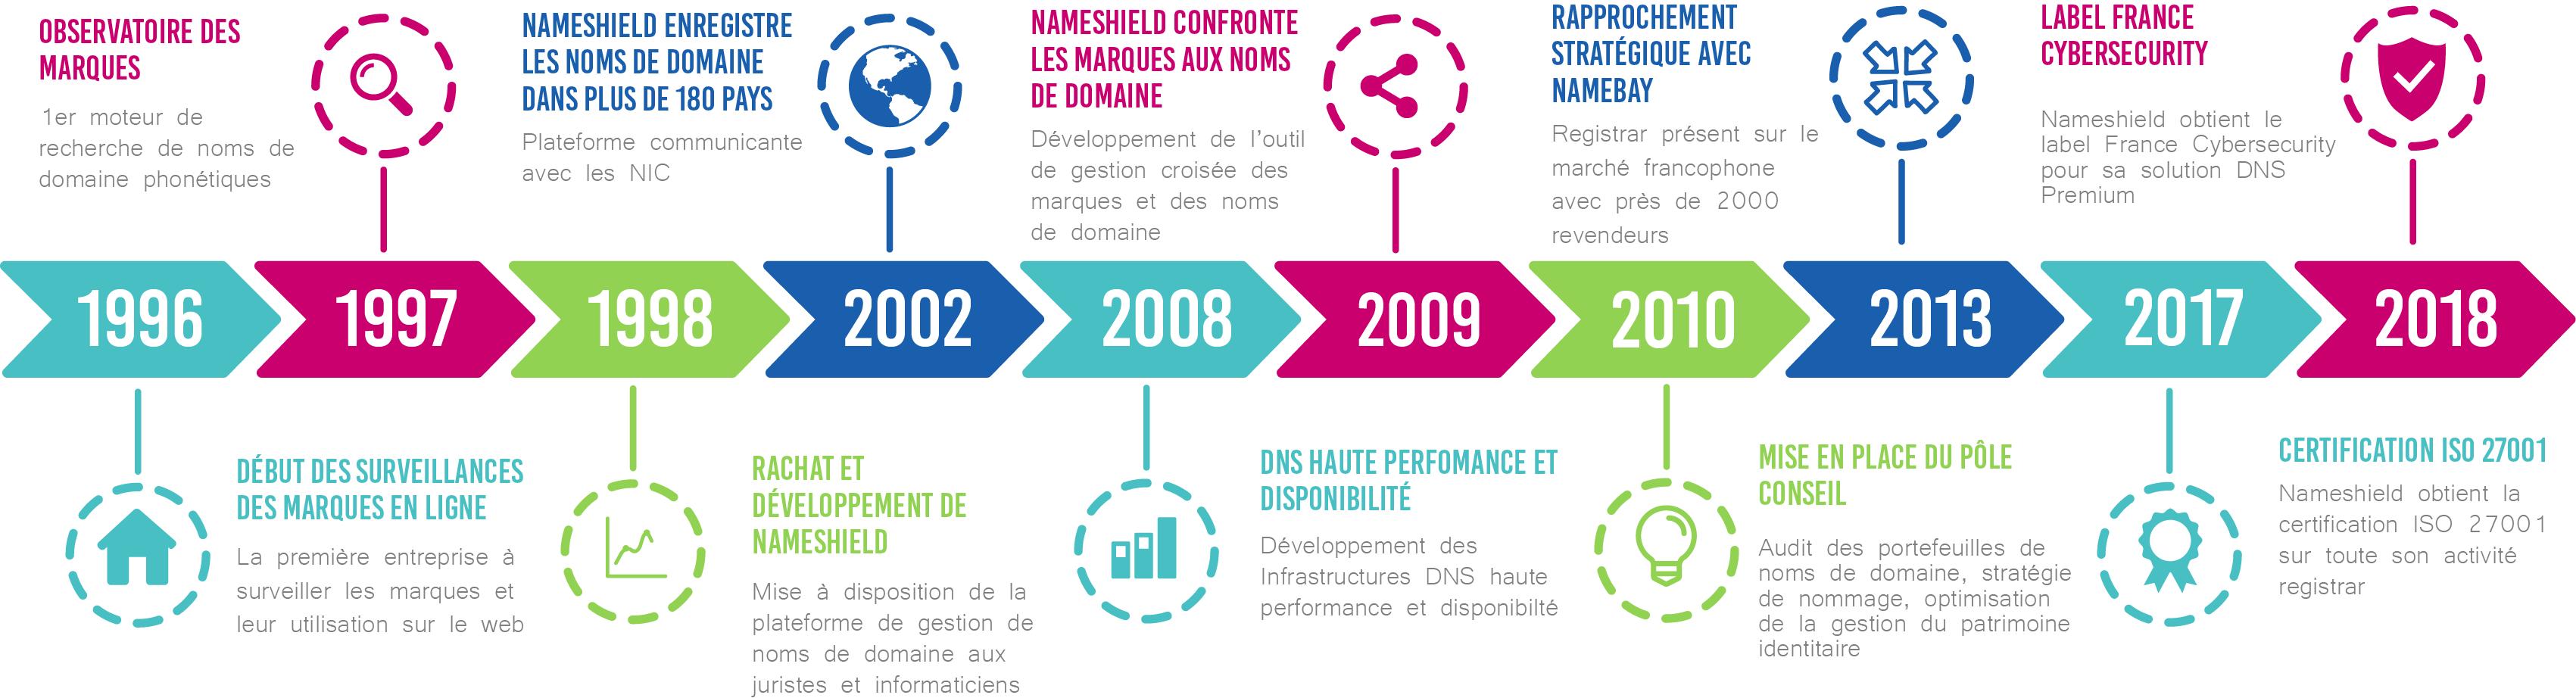 Timeline Nameshield Version FR - Historique